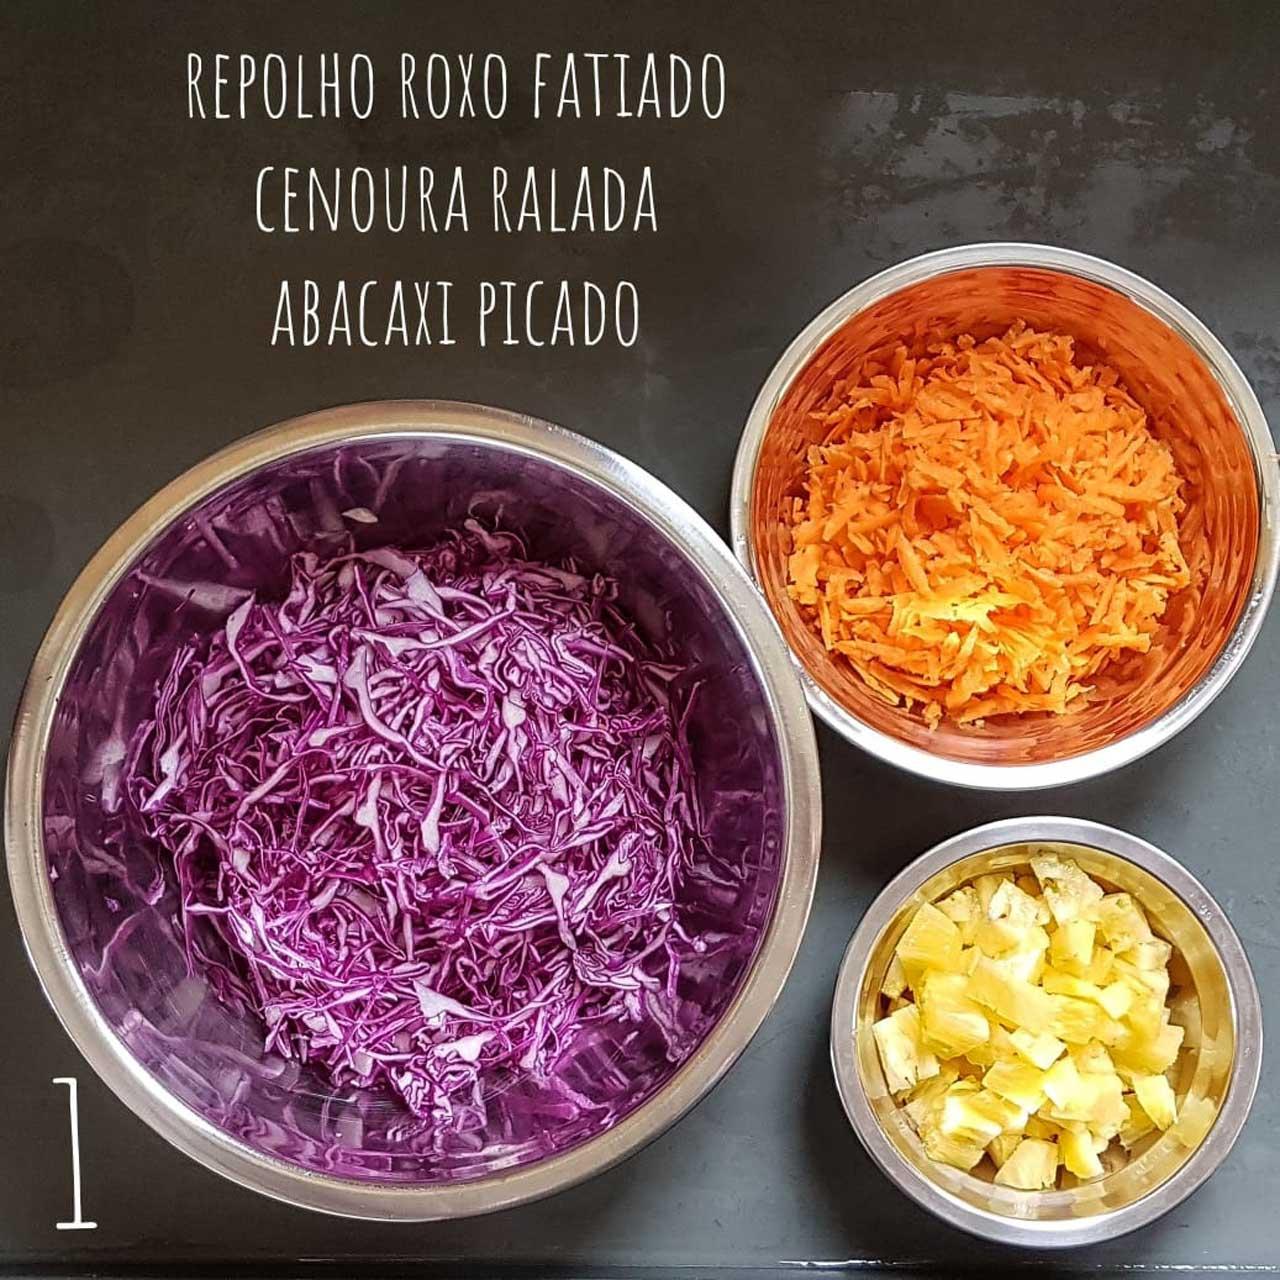 salada-de-repolho-interna-01